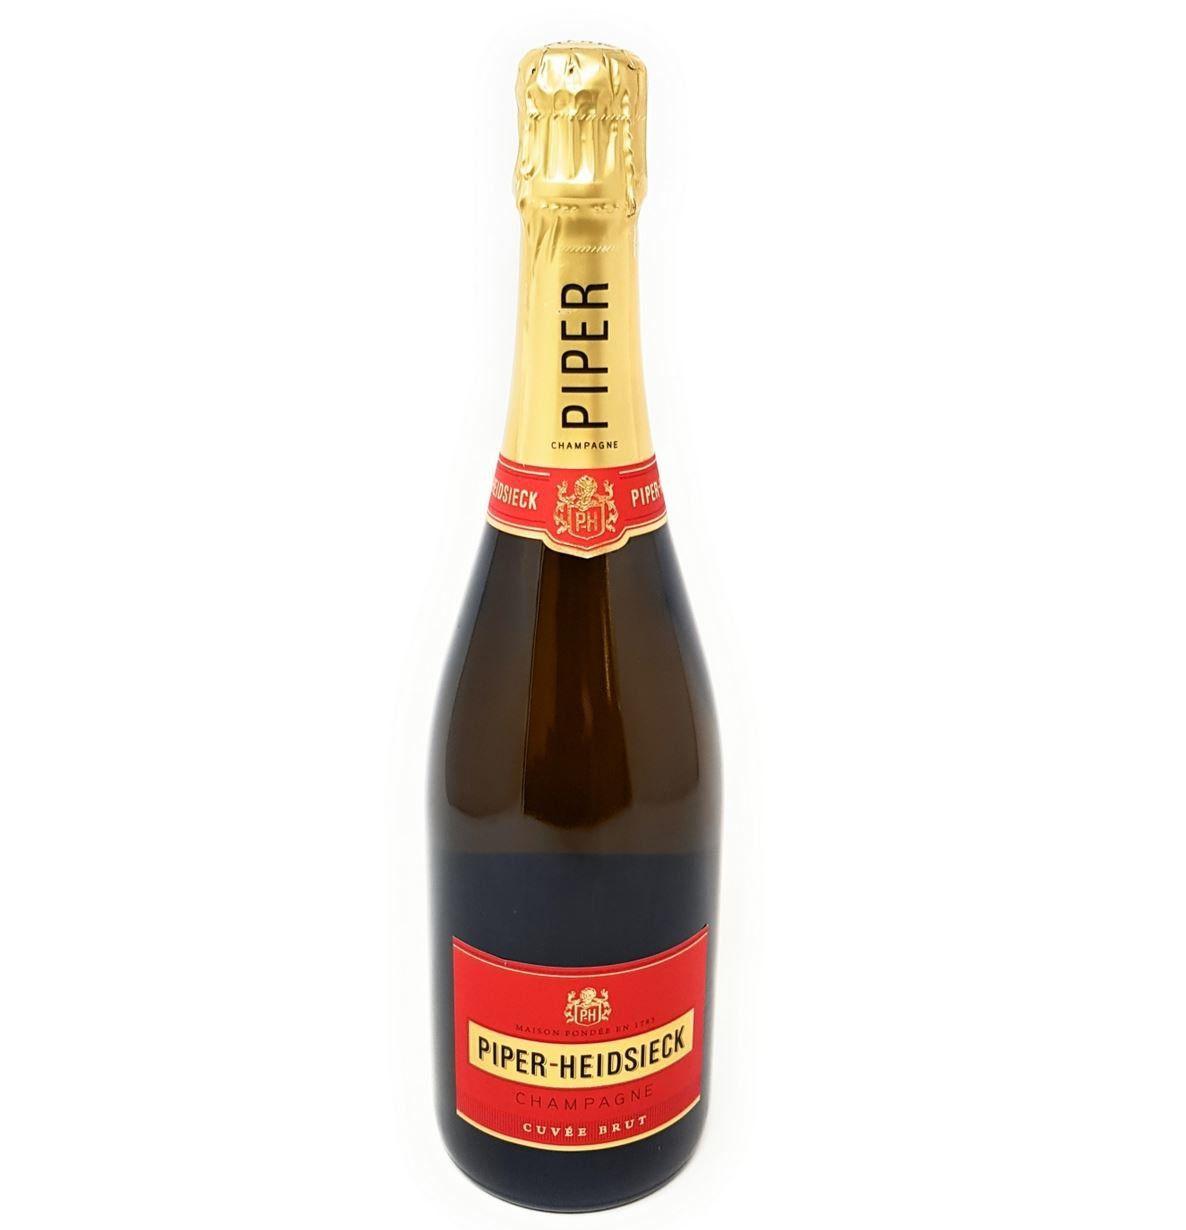 Piper Heidsieck Champagne Cuvée Brut 12 % Vol. 0.75 l für 24,99€ (statt 31€)